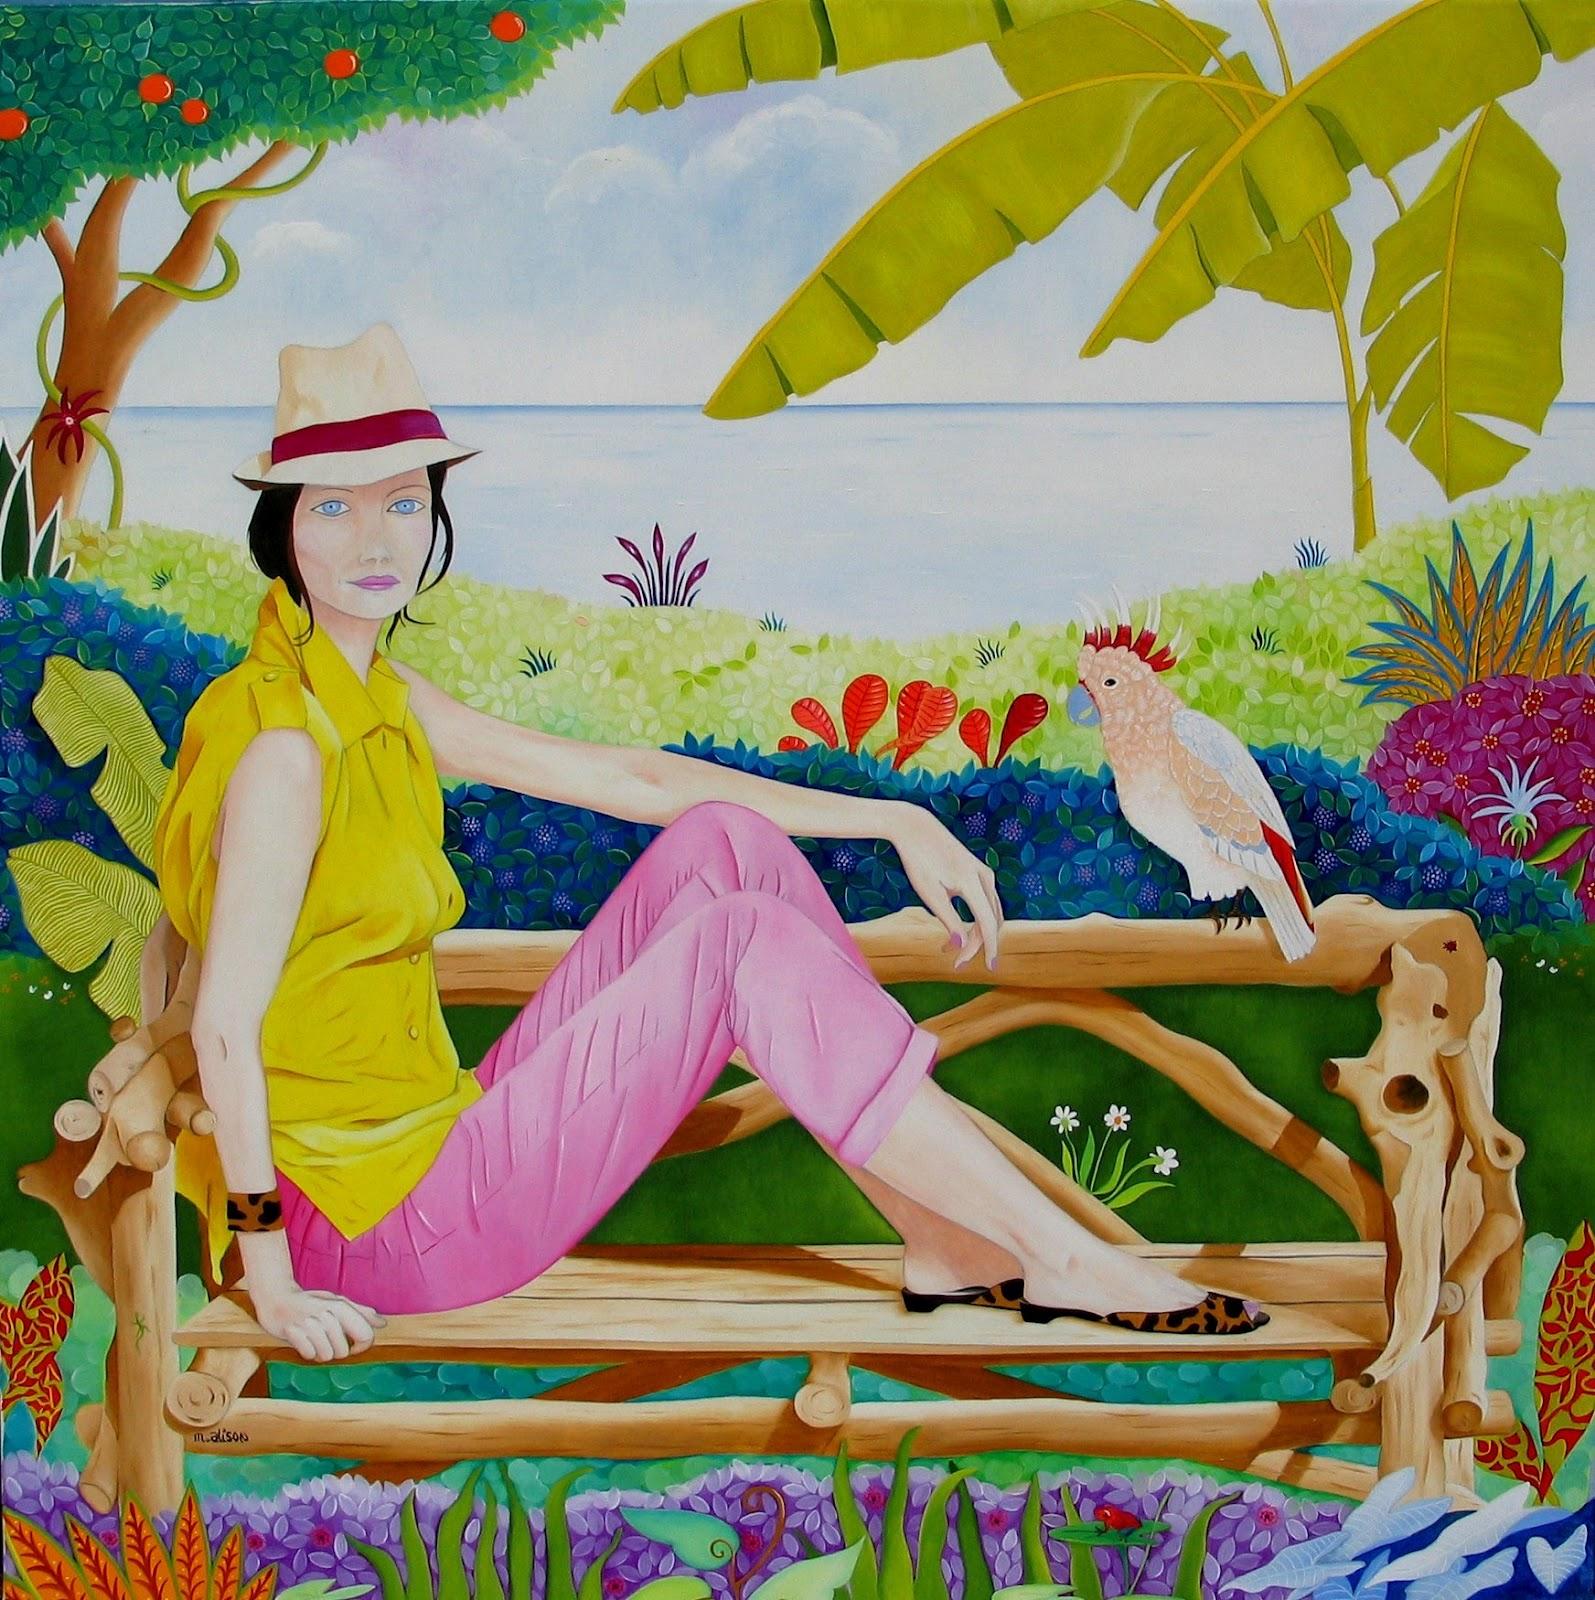 Ma dollhouse joue un grand air de peinture 29 mars 2012 for Dans tes yeux